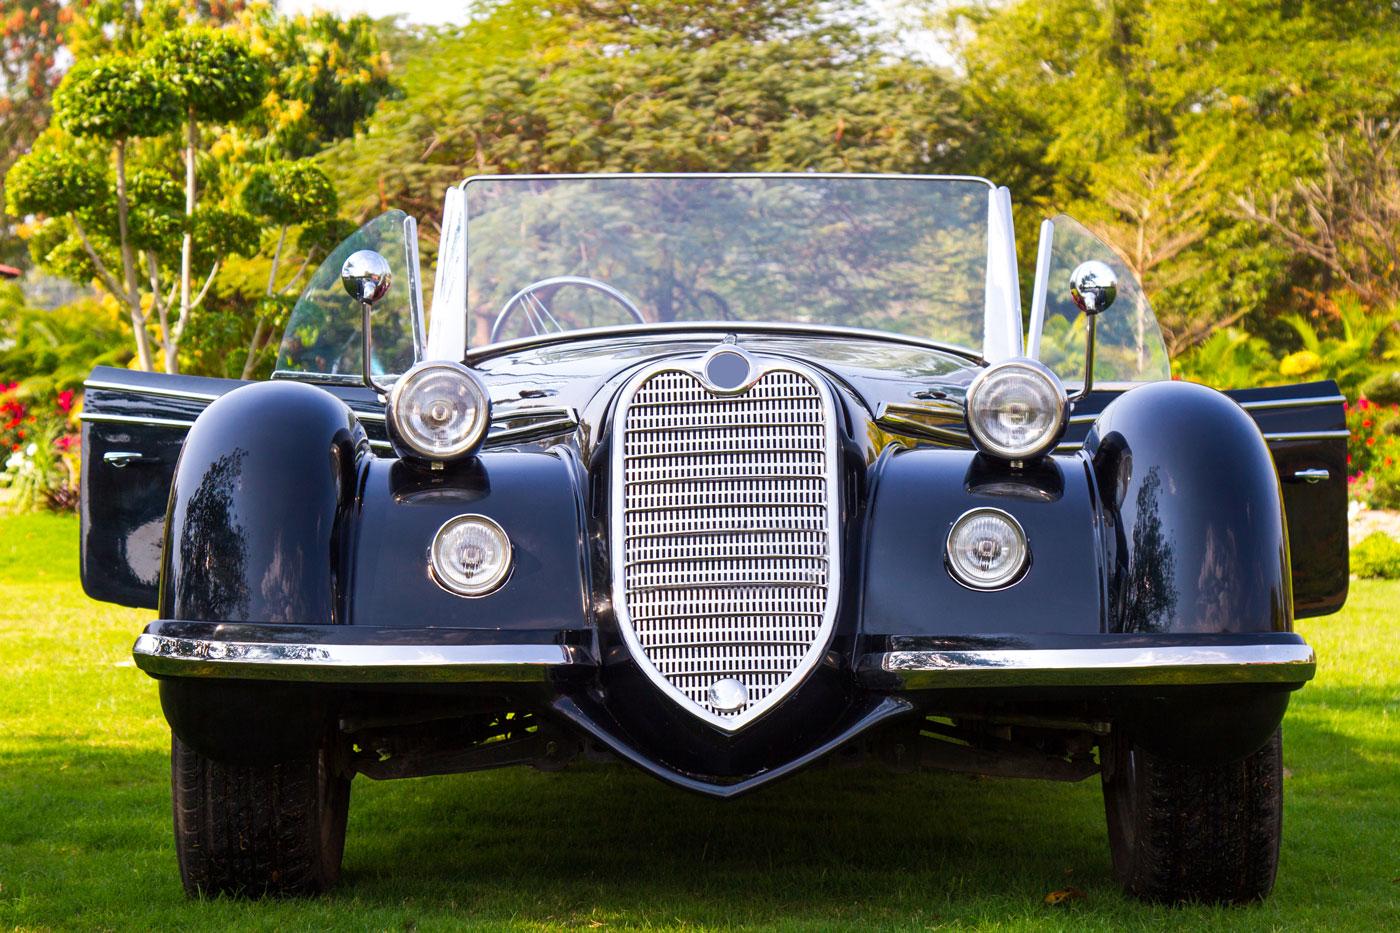 Home Concept Combination Caravans Vintage Cars Sport Cars